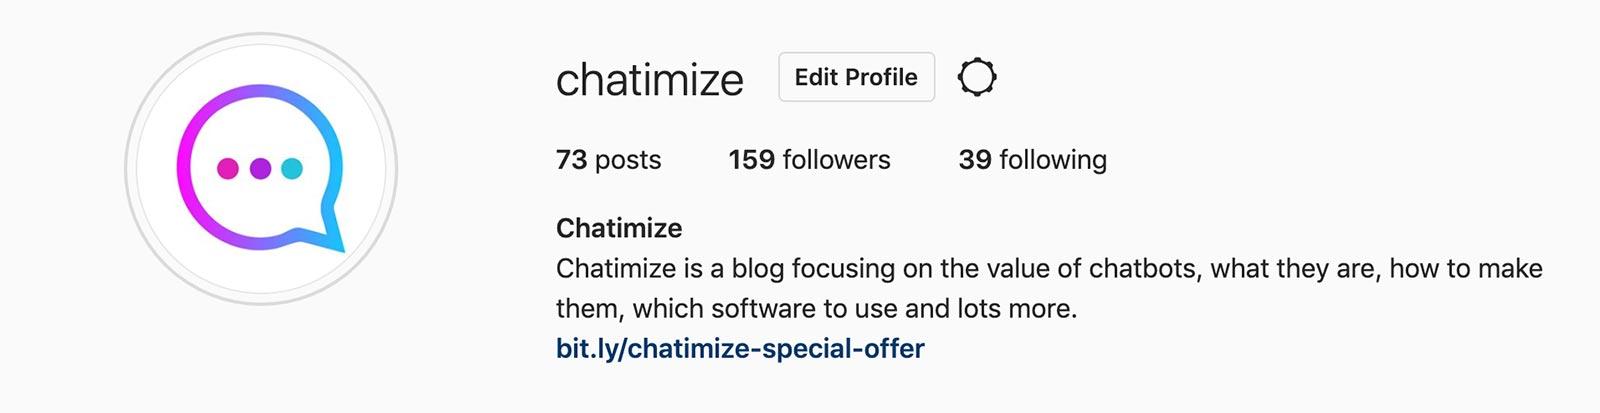 instagram-bio-ref-url